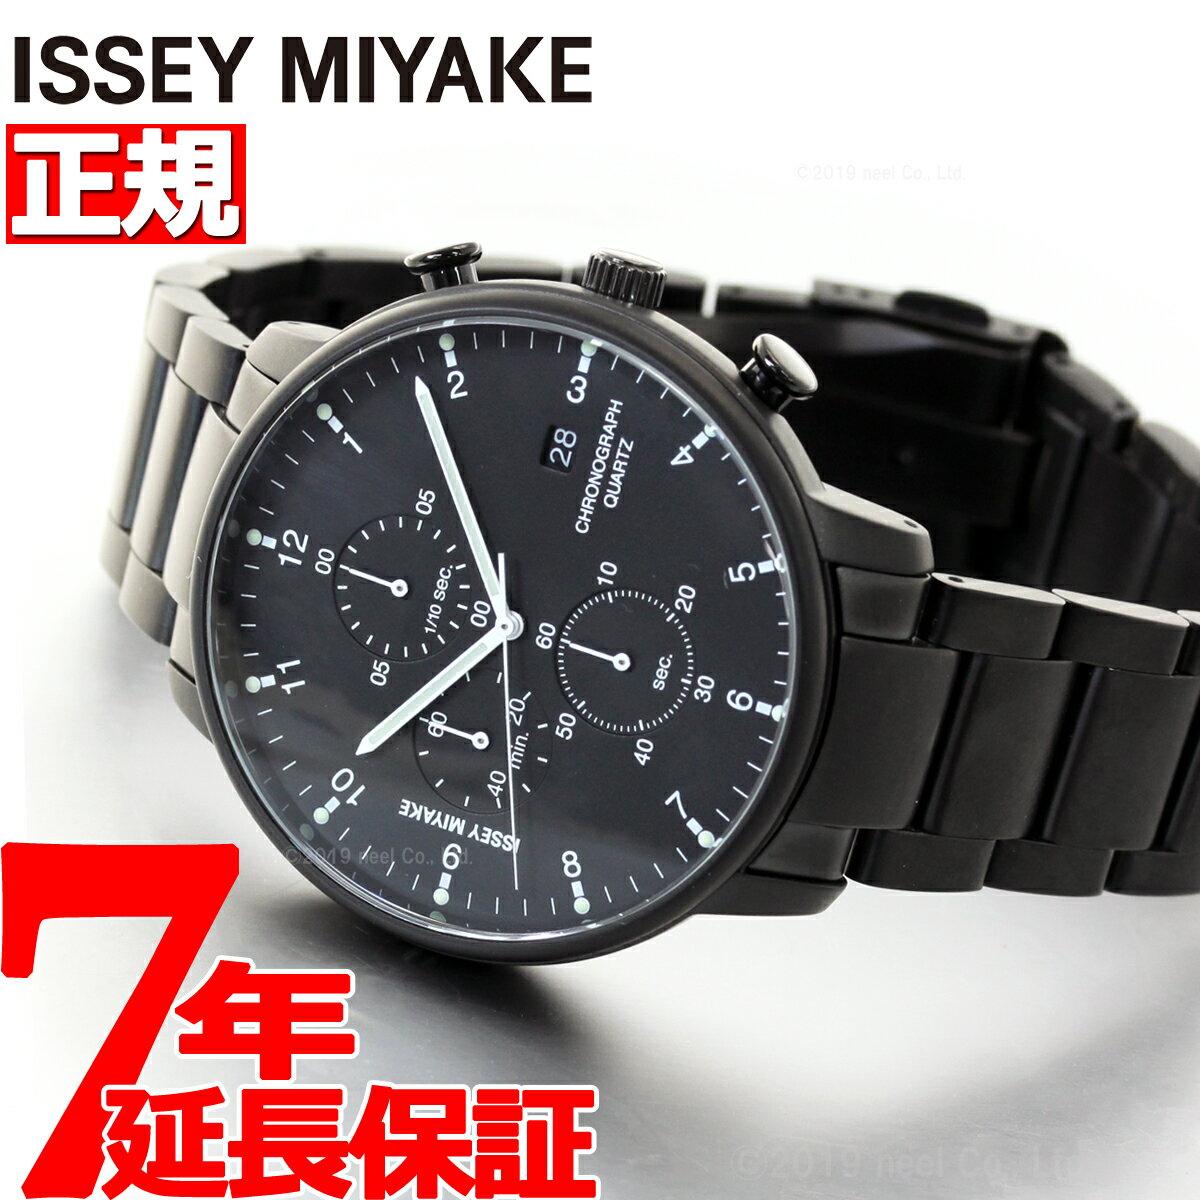 腕時計, メンズ腕時計 504252359 ISSEY MIYAKE C ICHIRO IWASAKI NYAD008